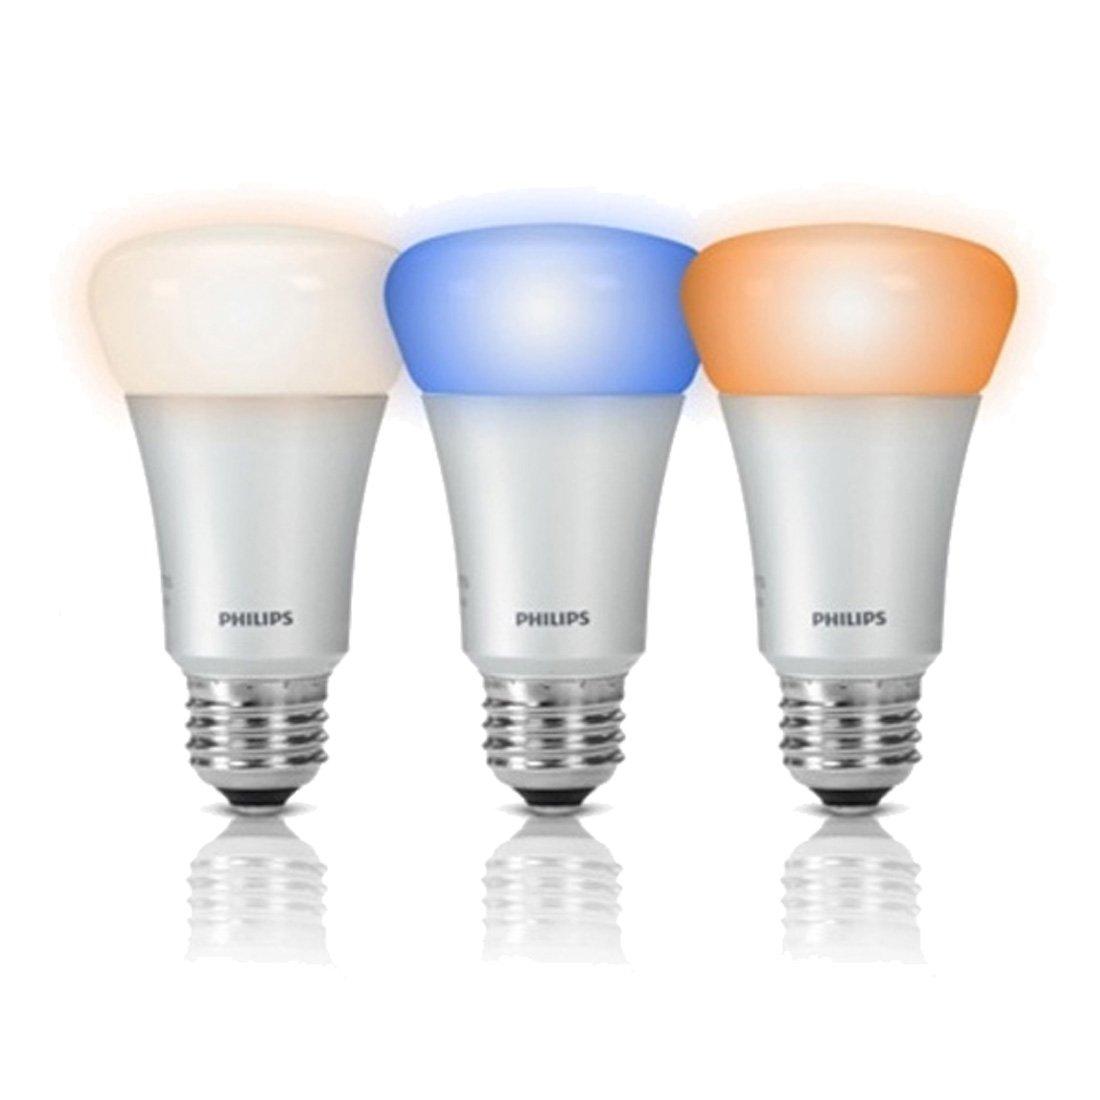 飞利浦hue智能led七彩灯泡手机wifi无线智能居家照明系统(3支装)